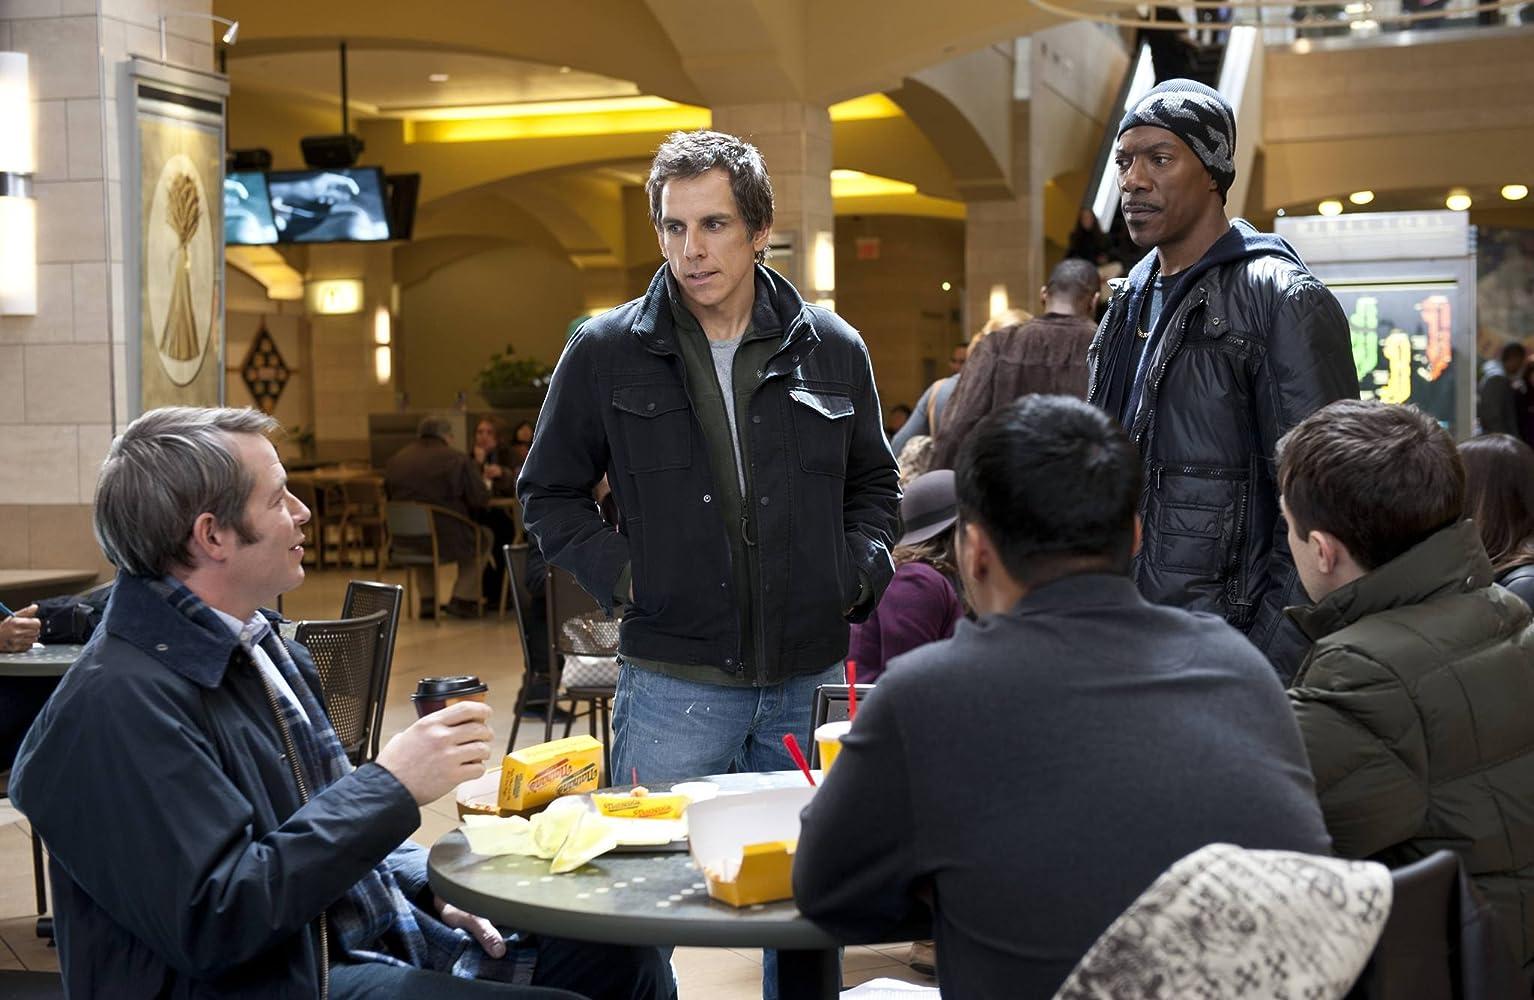 Matthew Broderick, Eddie Murphy, Casey Affleck, and Ben Stiller in Tower Heist (2011)